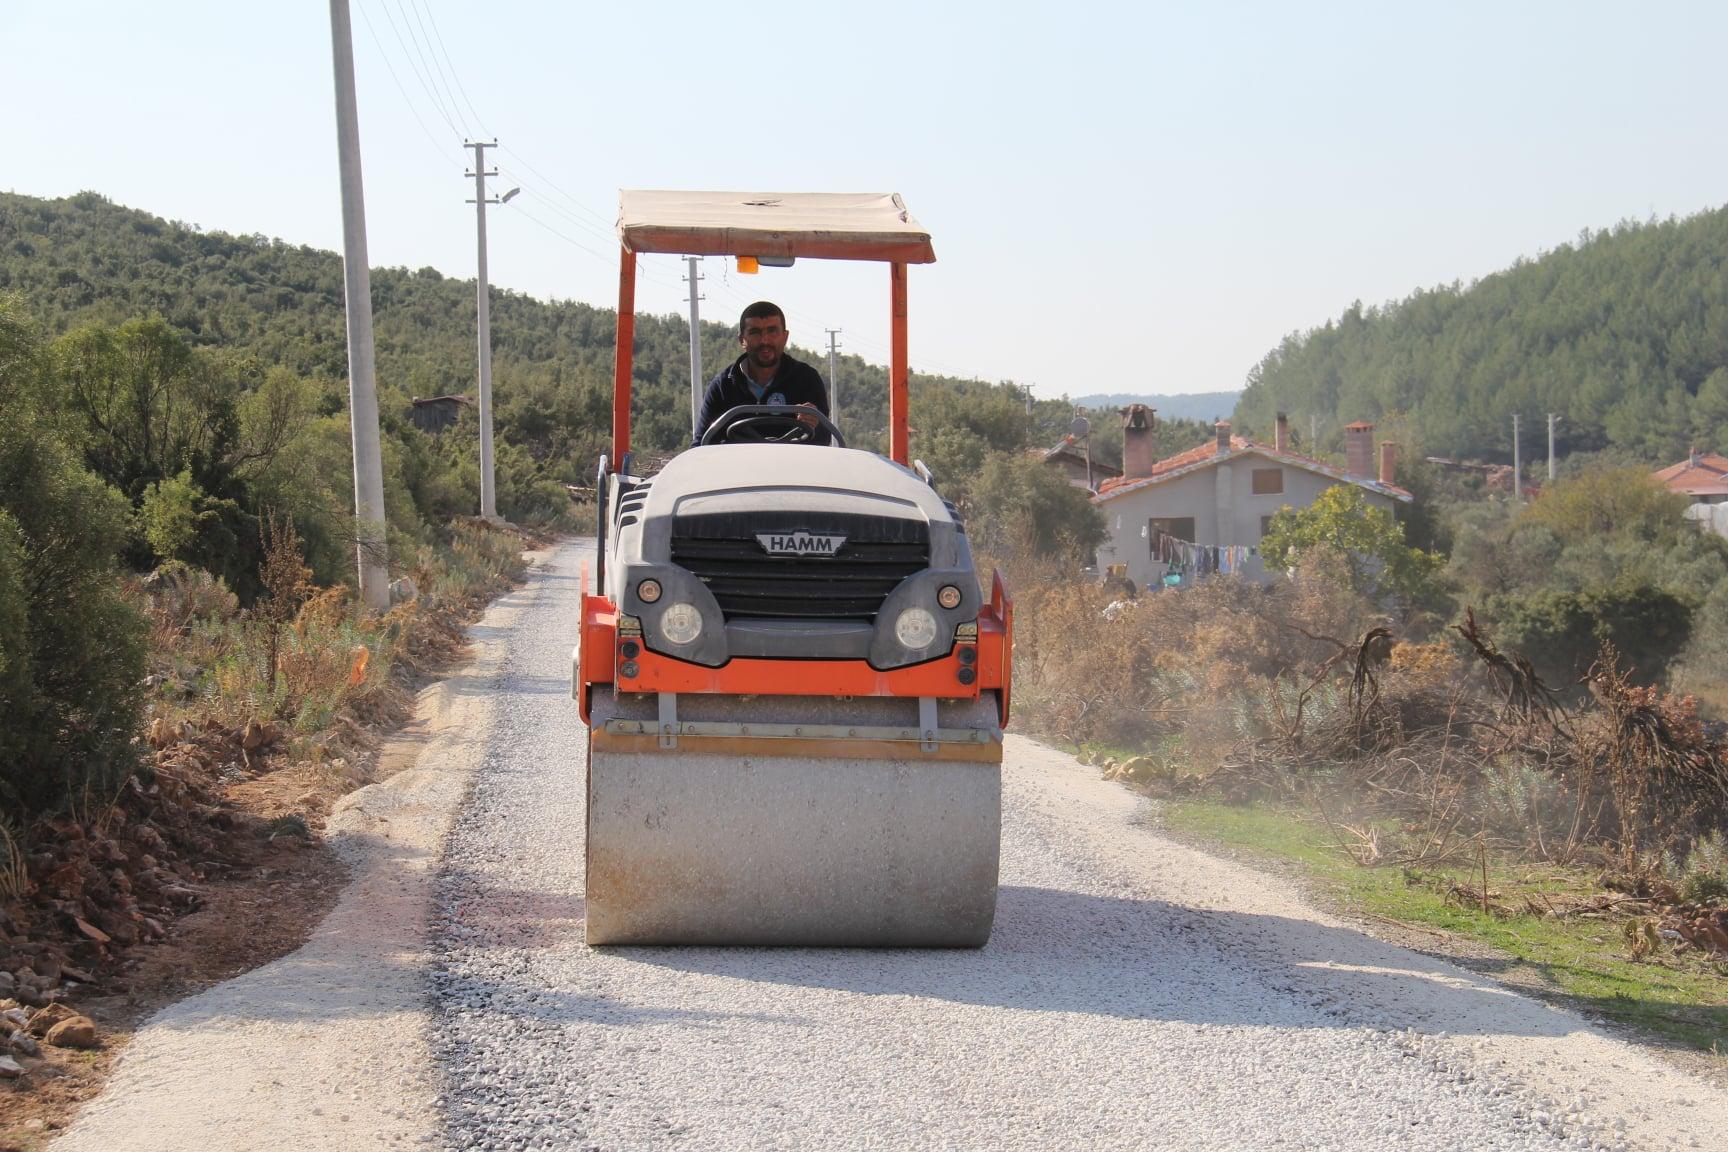 Demirtaş Mahallemiz Koçoğlu Mevkiinde Ekiplerimizin Asfalt Kaplama Çalışmaları Devam Etmektedir